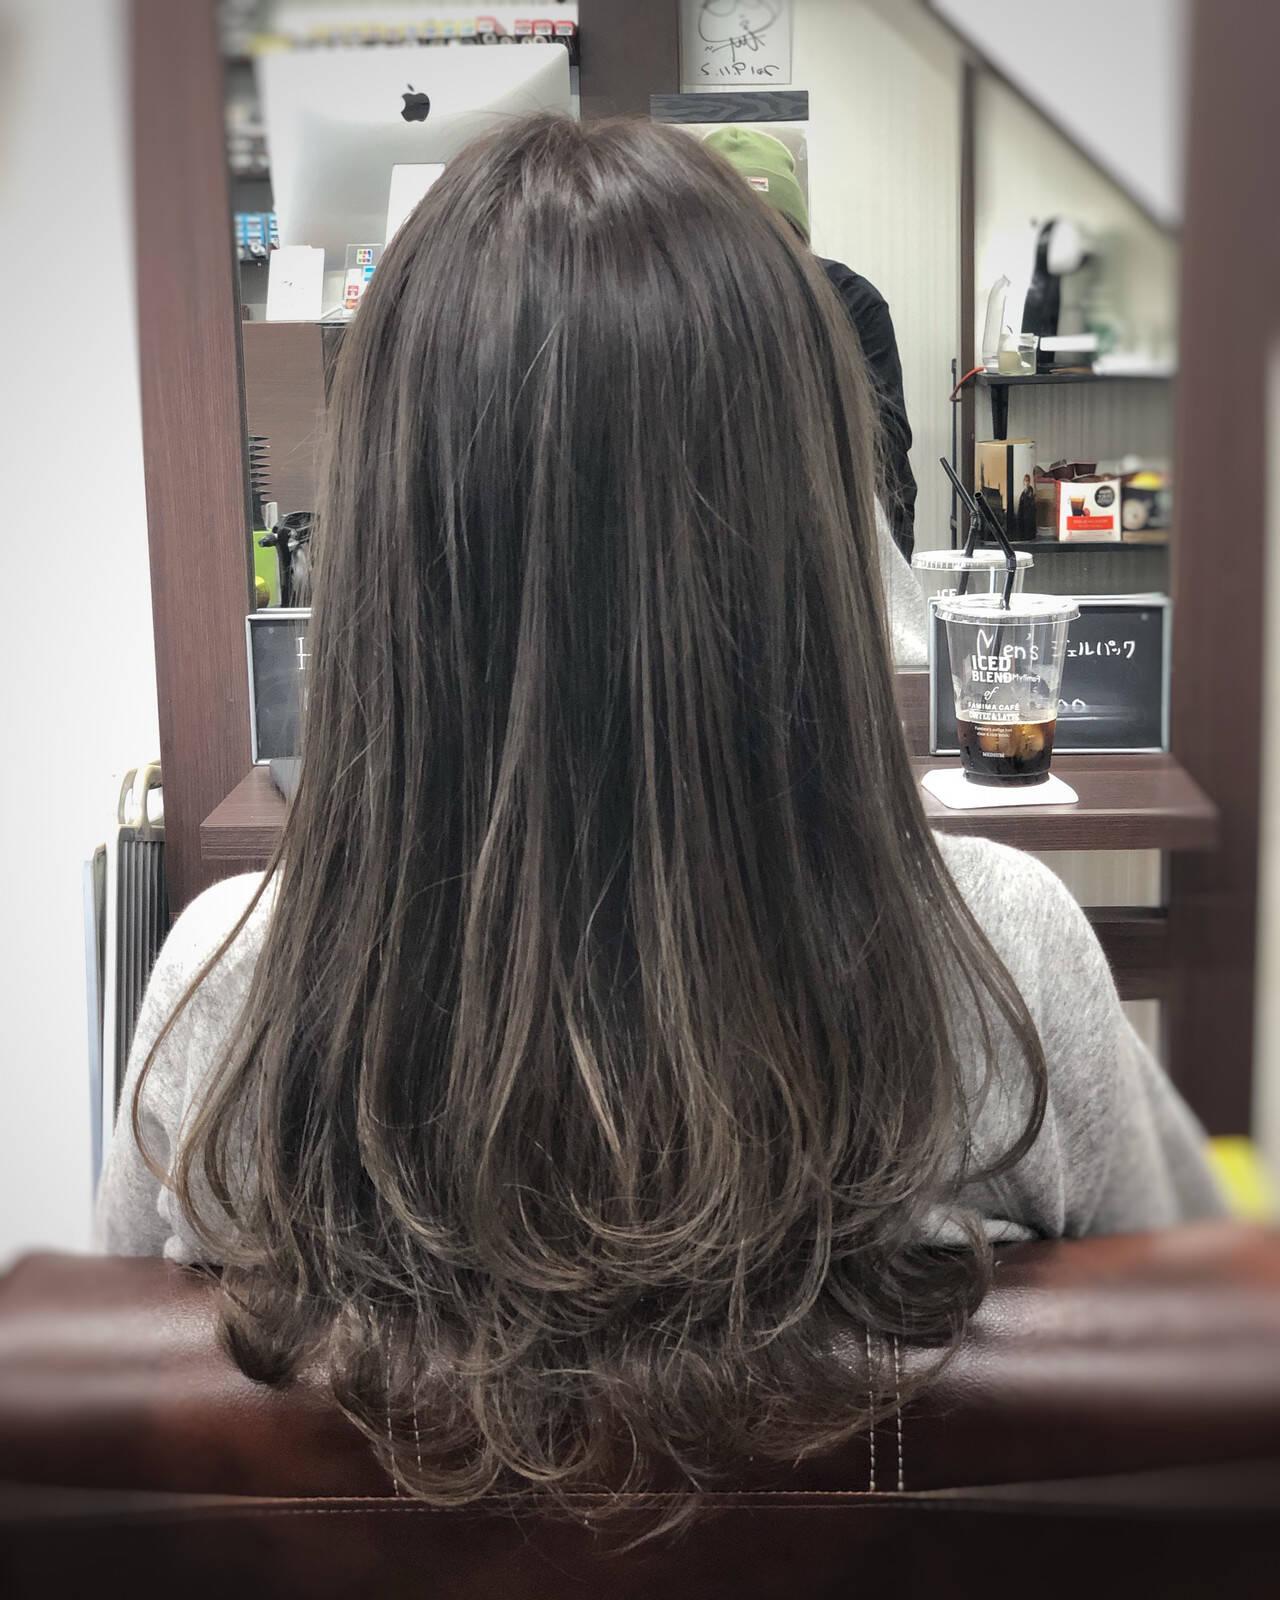 ナチュラル ミディアム ハイライト ミルクティーベージュヘアスタイルや髪型の写真・画像